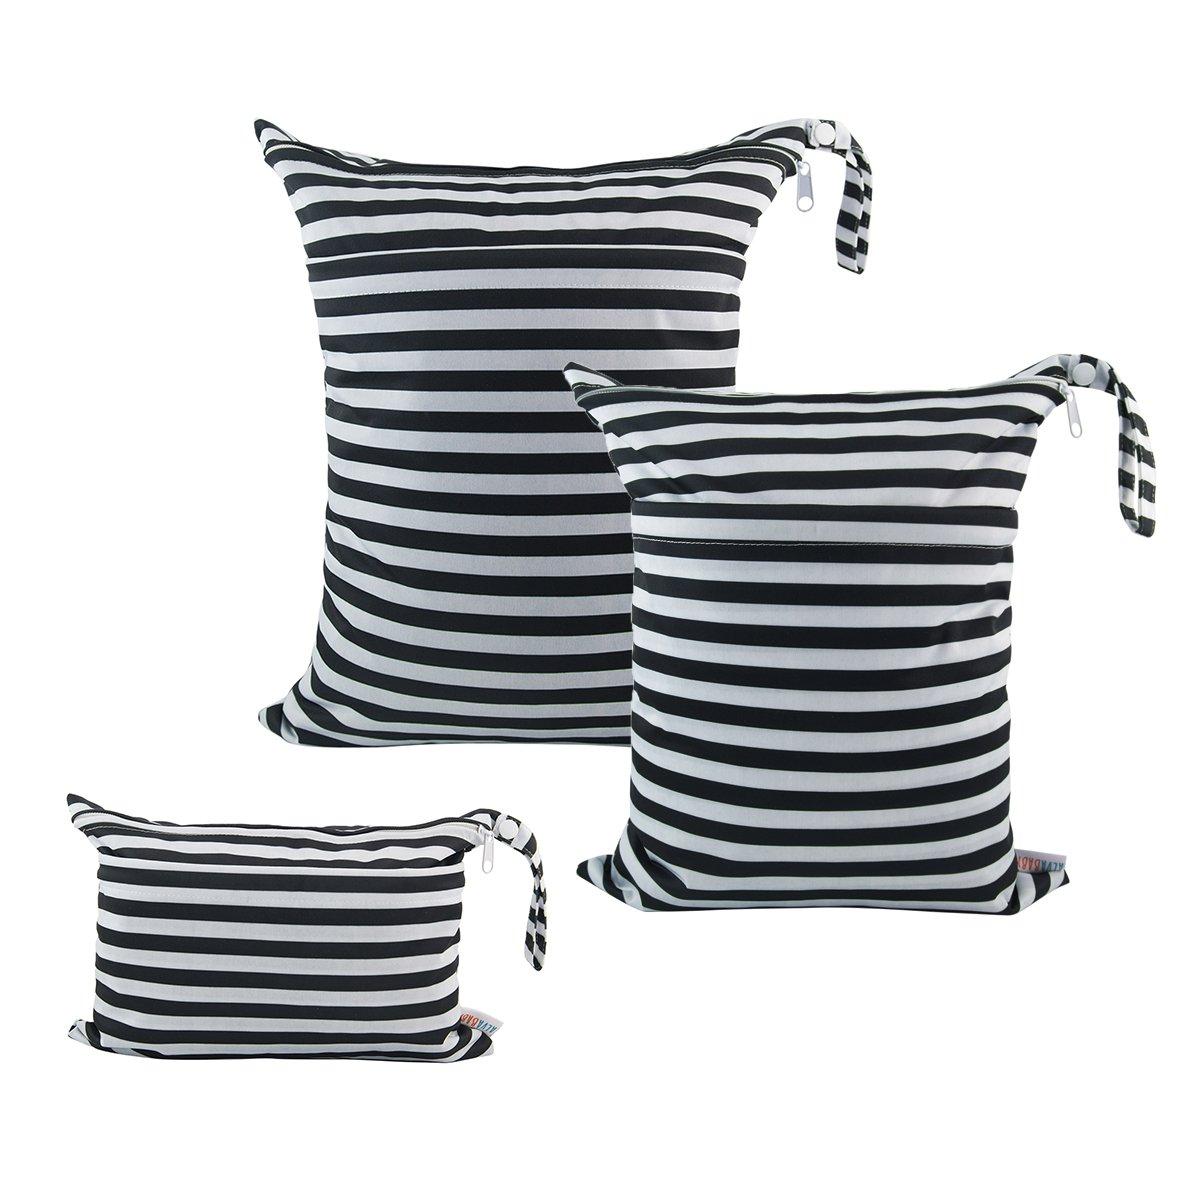 ALVABABY 3Pcs Diaper Wet Dry Bags/Travel Bags/Storage Bags/Cosmetic Bags/Handbags/Wash Bags Waterproof Reusable 3L-WB01